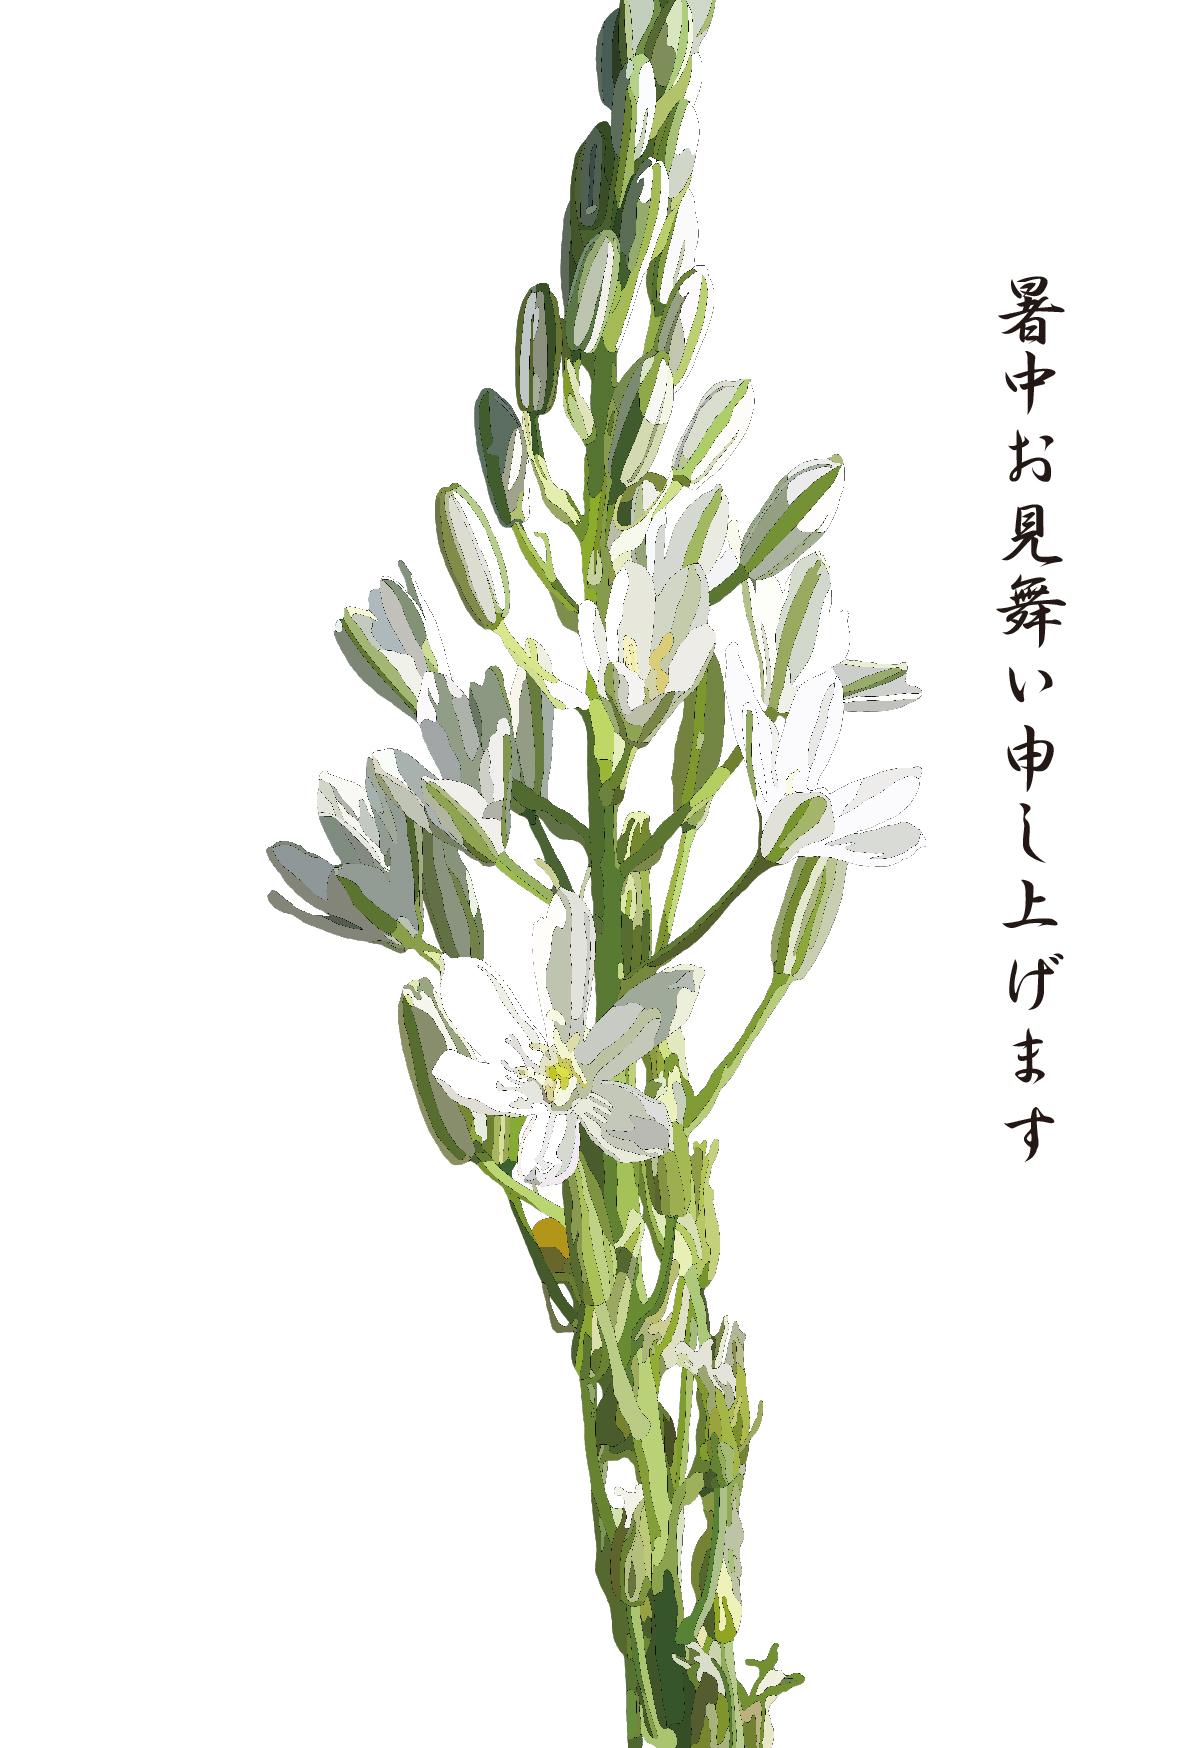 白いお花のシンプルな暑中見舞いイラスト オオアマナー